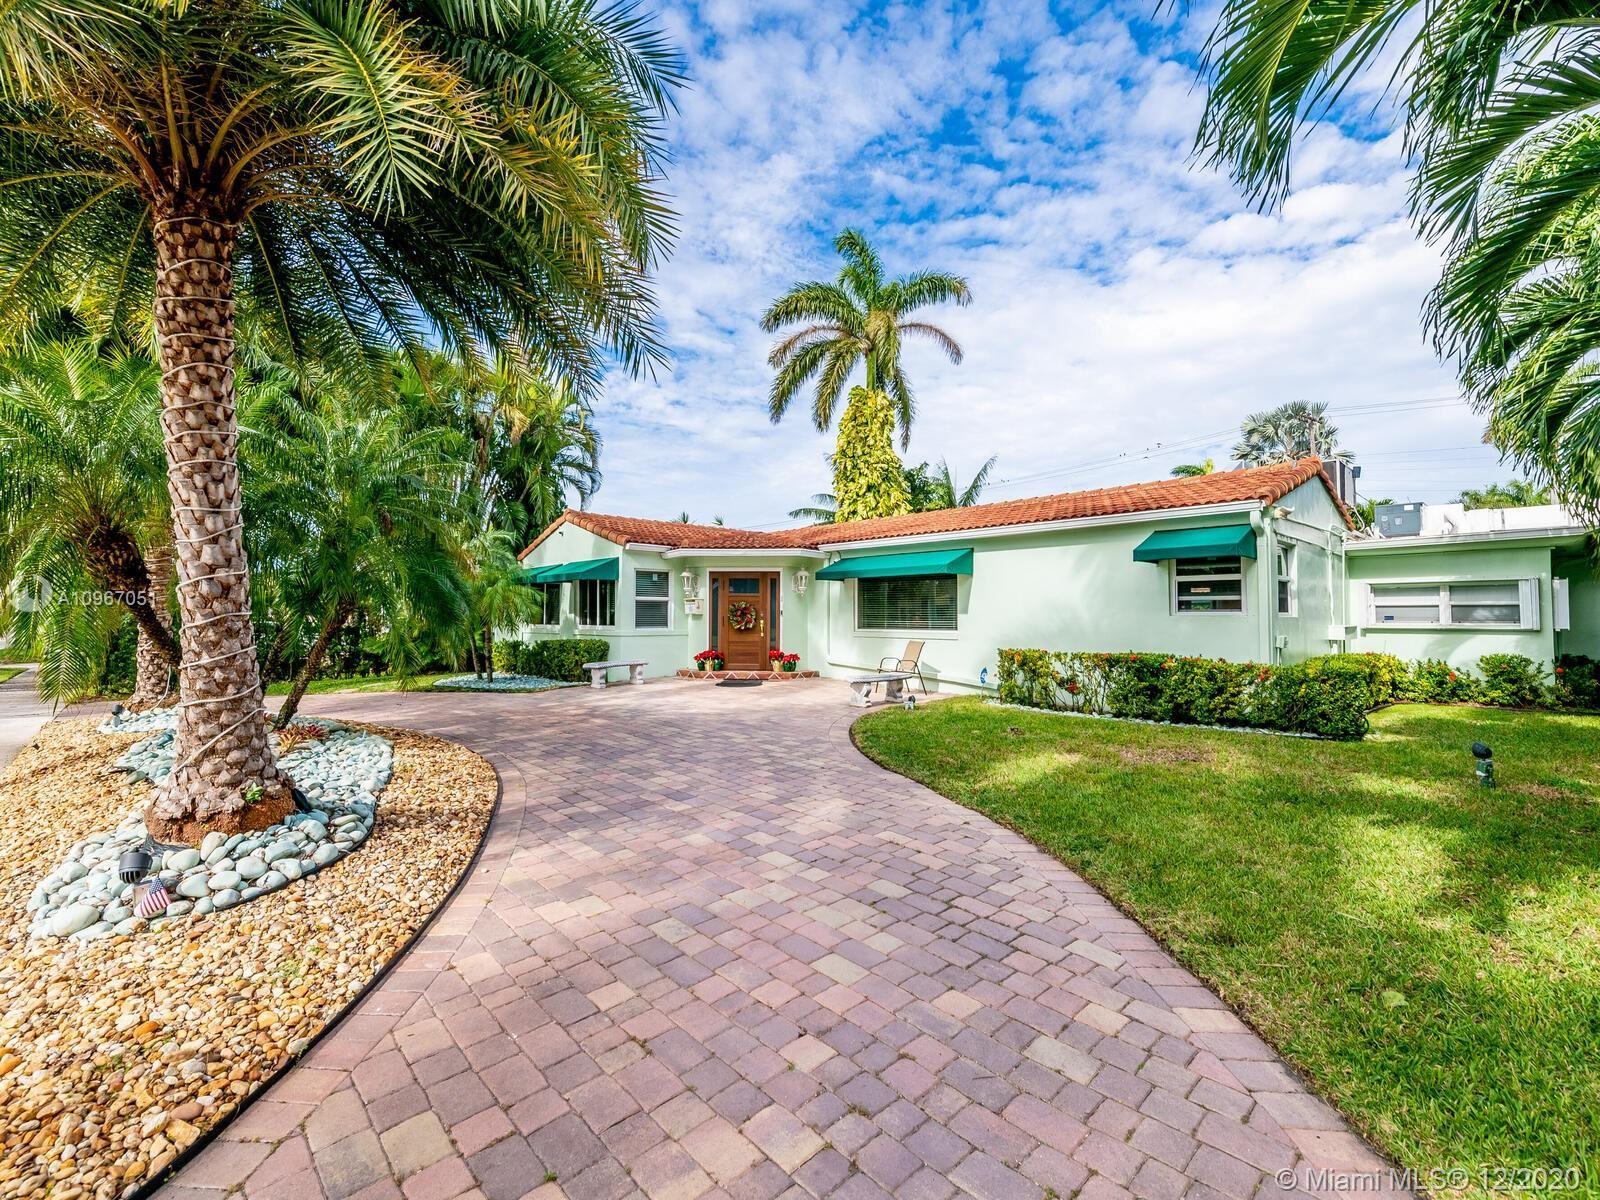 935 Van Buren St, Hollywood, FL 33019 - #: A10967051